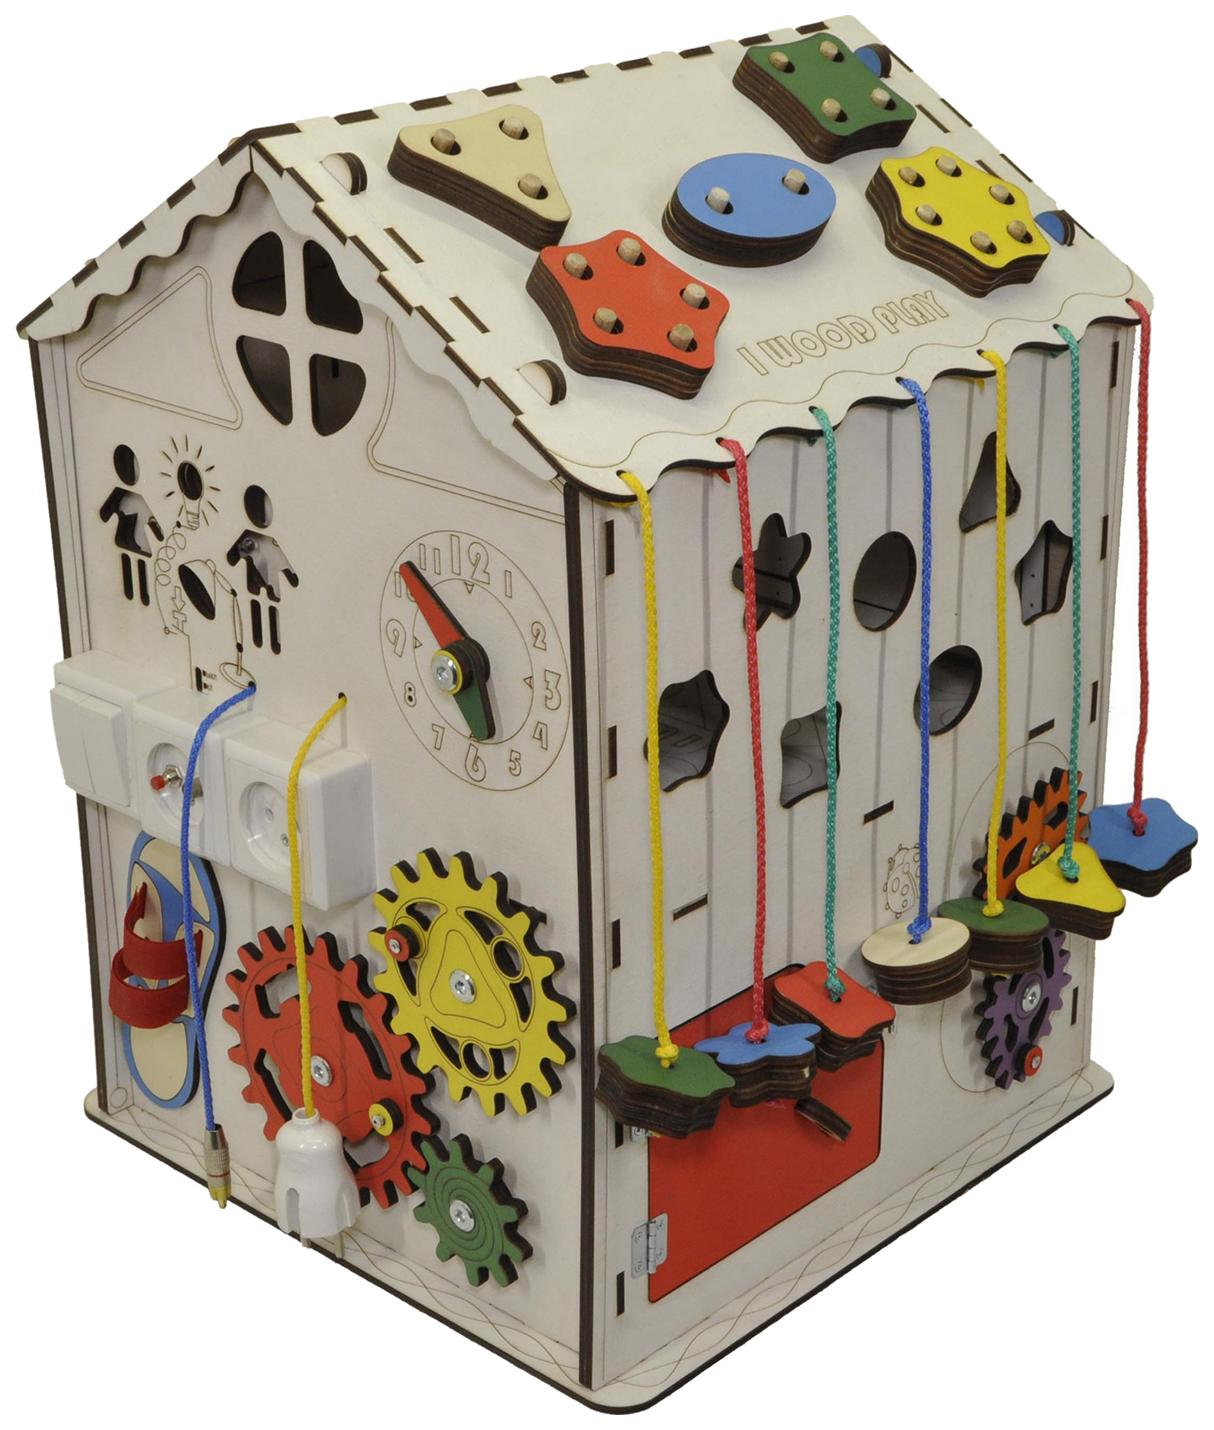 Купить Развивающий домик IWOODPLAY со светом Большой арт. igbd-01-01), Бизиборды